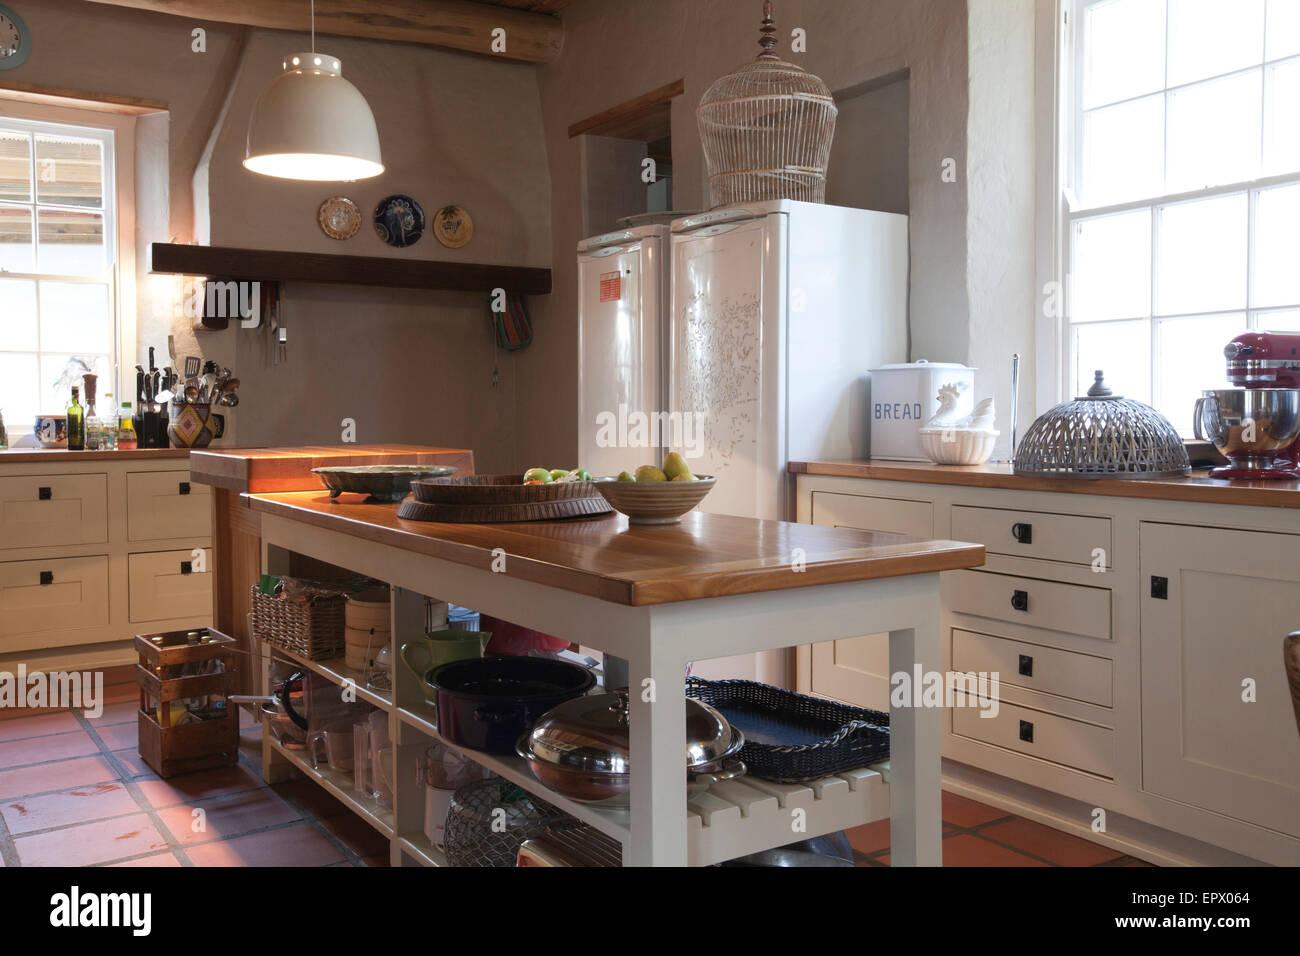 Nett Bauernhof Küche Insel Fotos - Ideen Für Die Küche Dekoration ...